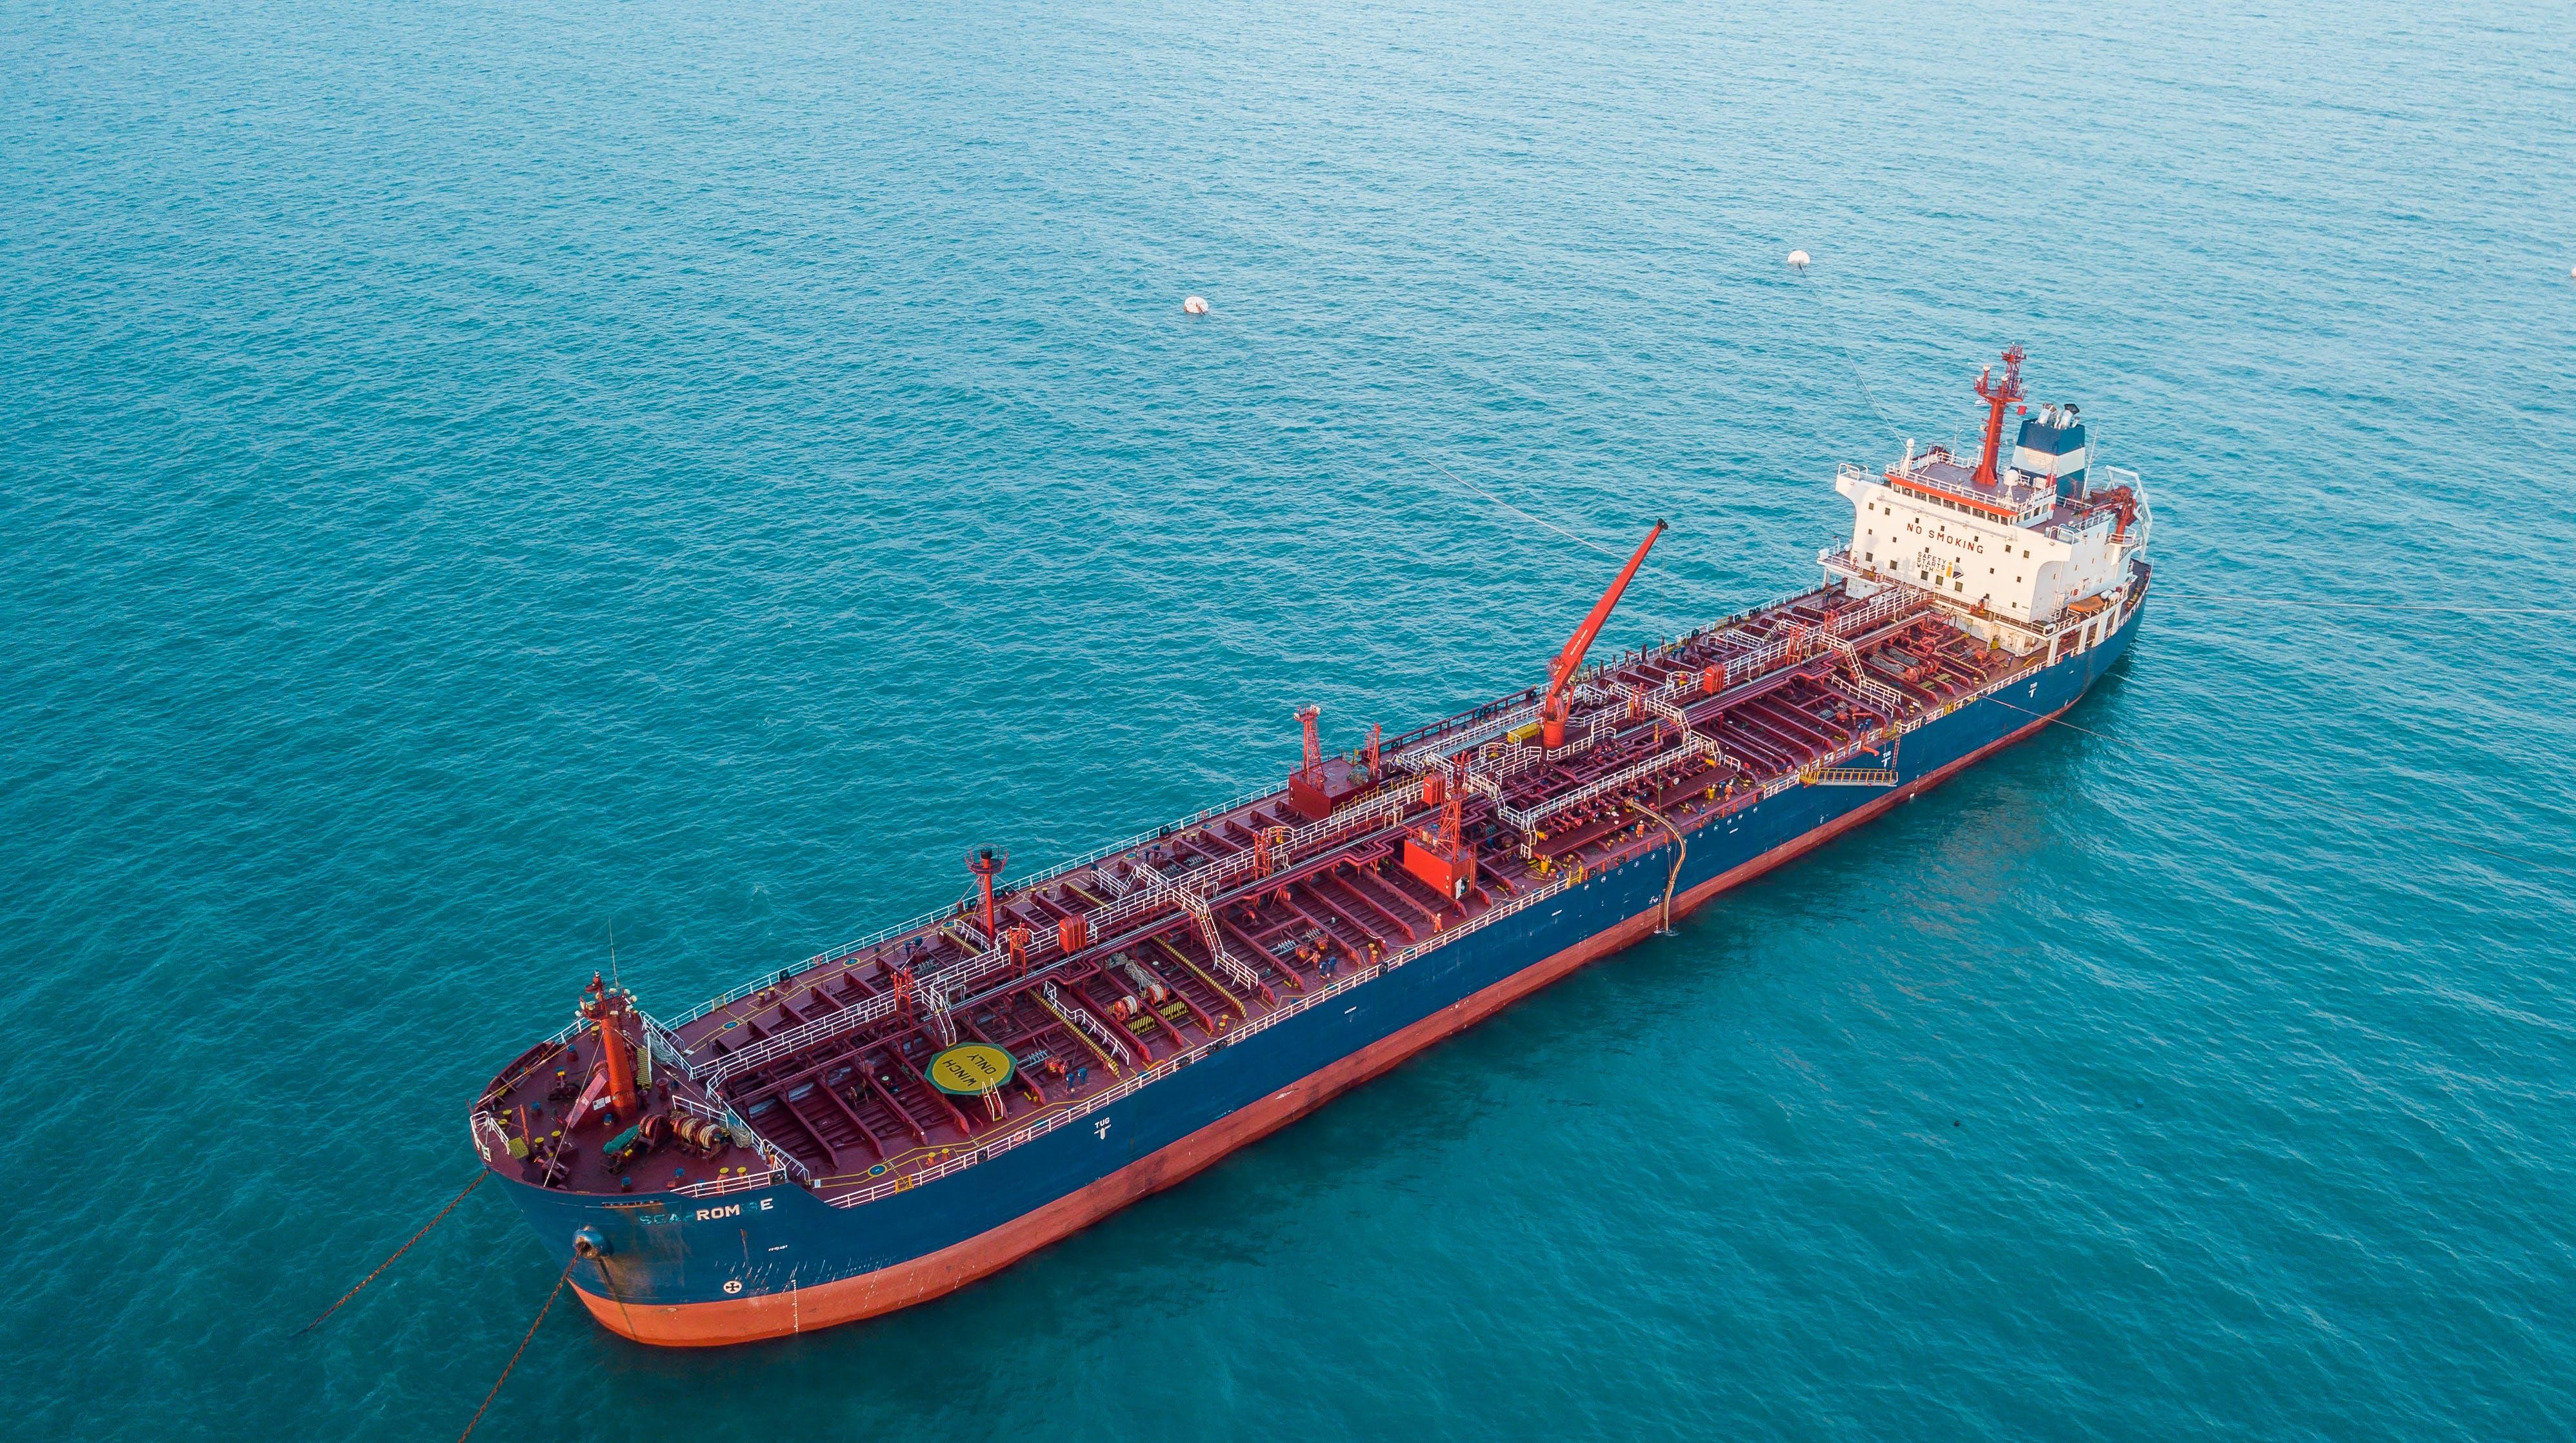 cargo ship, sea, ship